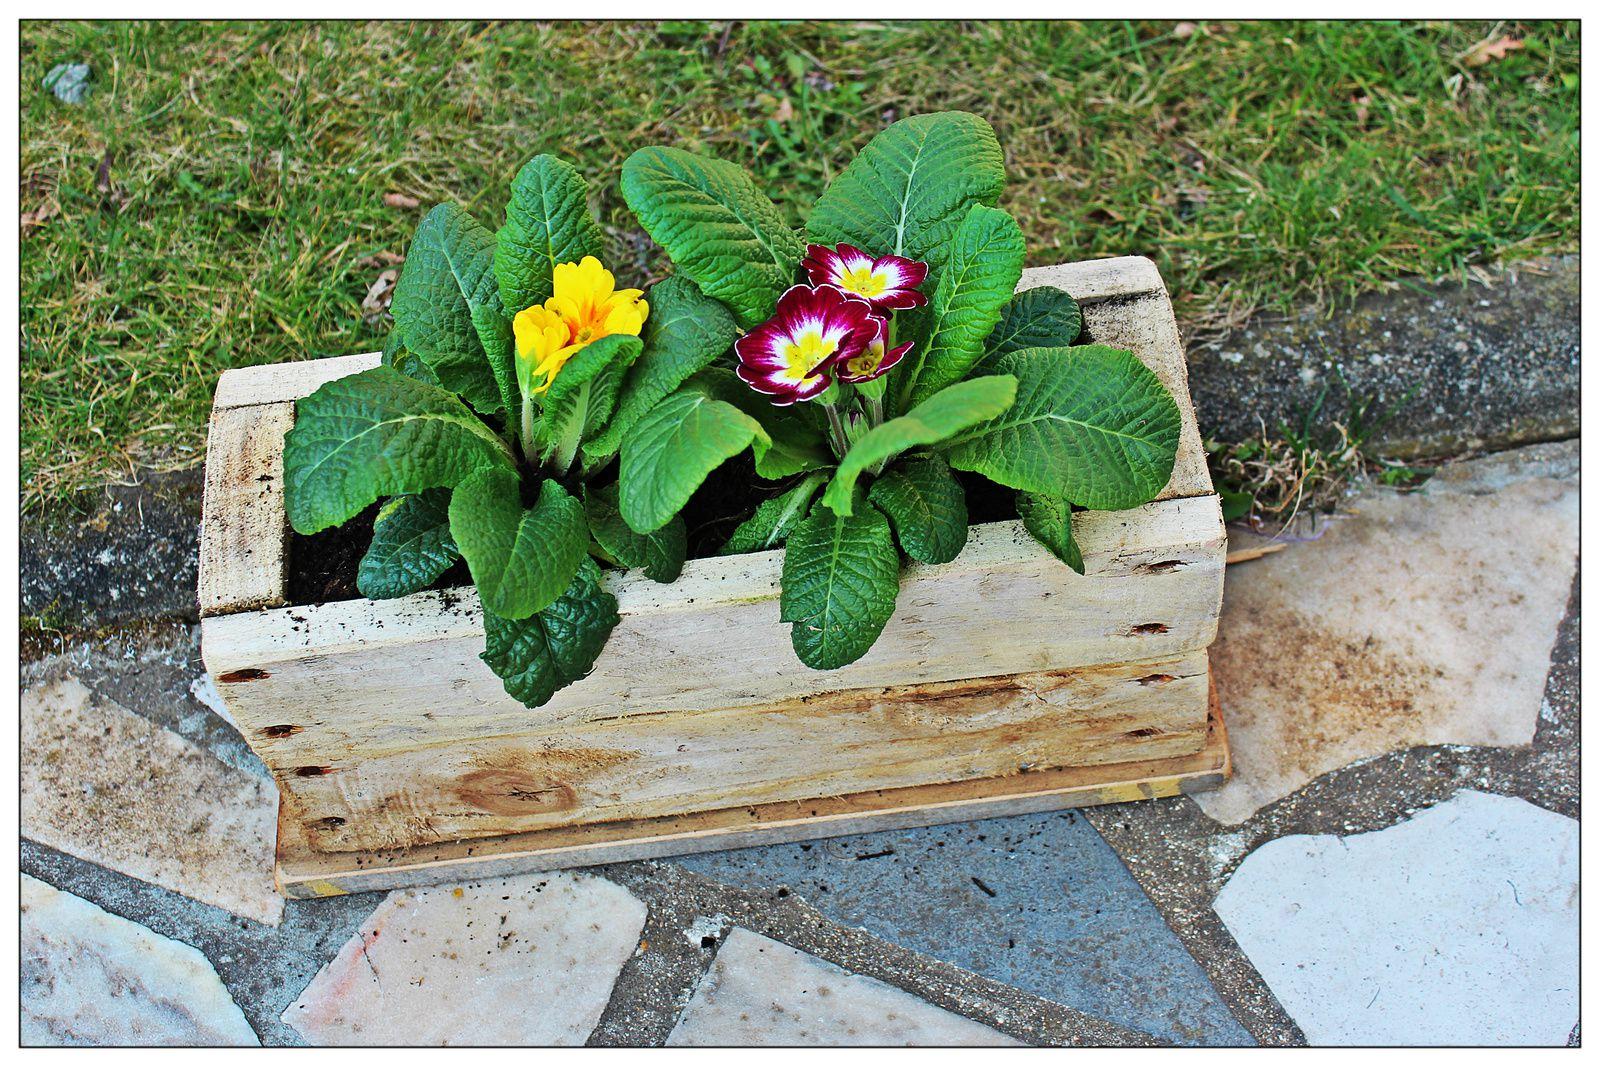 http://luniversdegarfield59.over-blog.com palette bois récup déco jardinière jardin fleurs pot